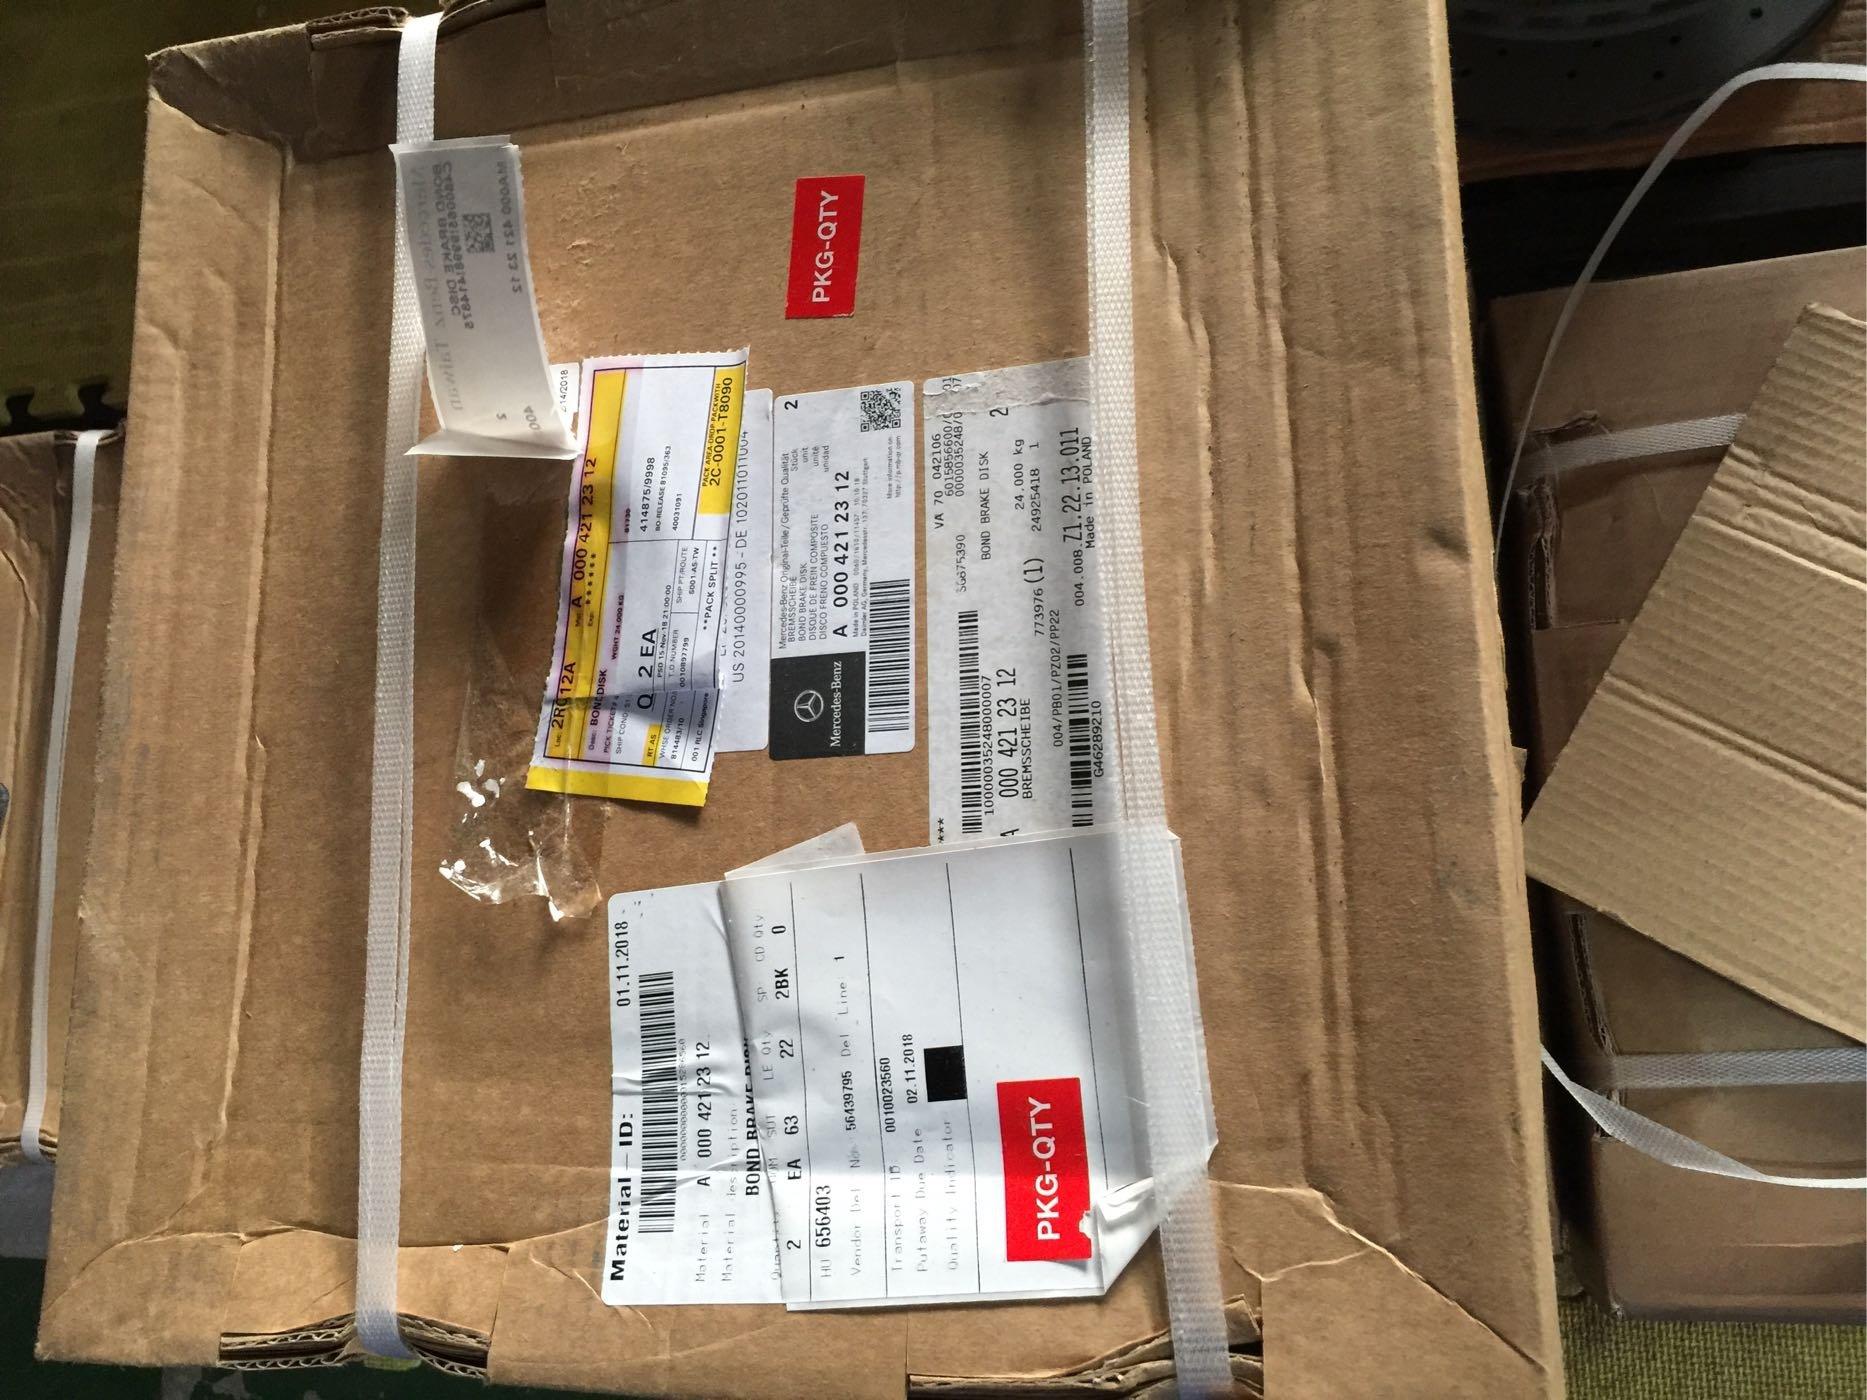 BENZ 正廠全新 W213 W253 W205 AMG sport 前360mm煞車碟盤組(一對)